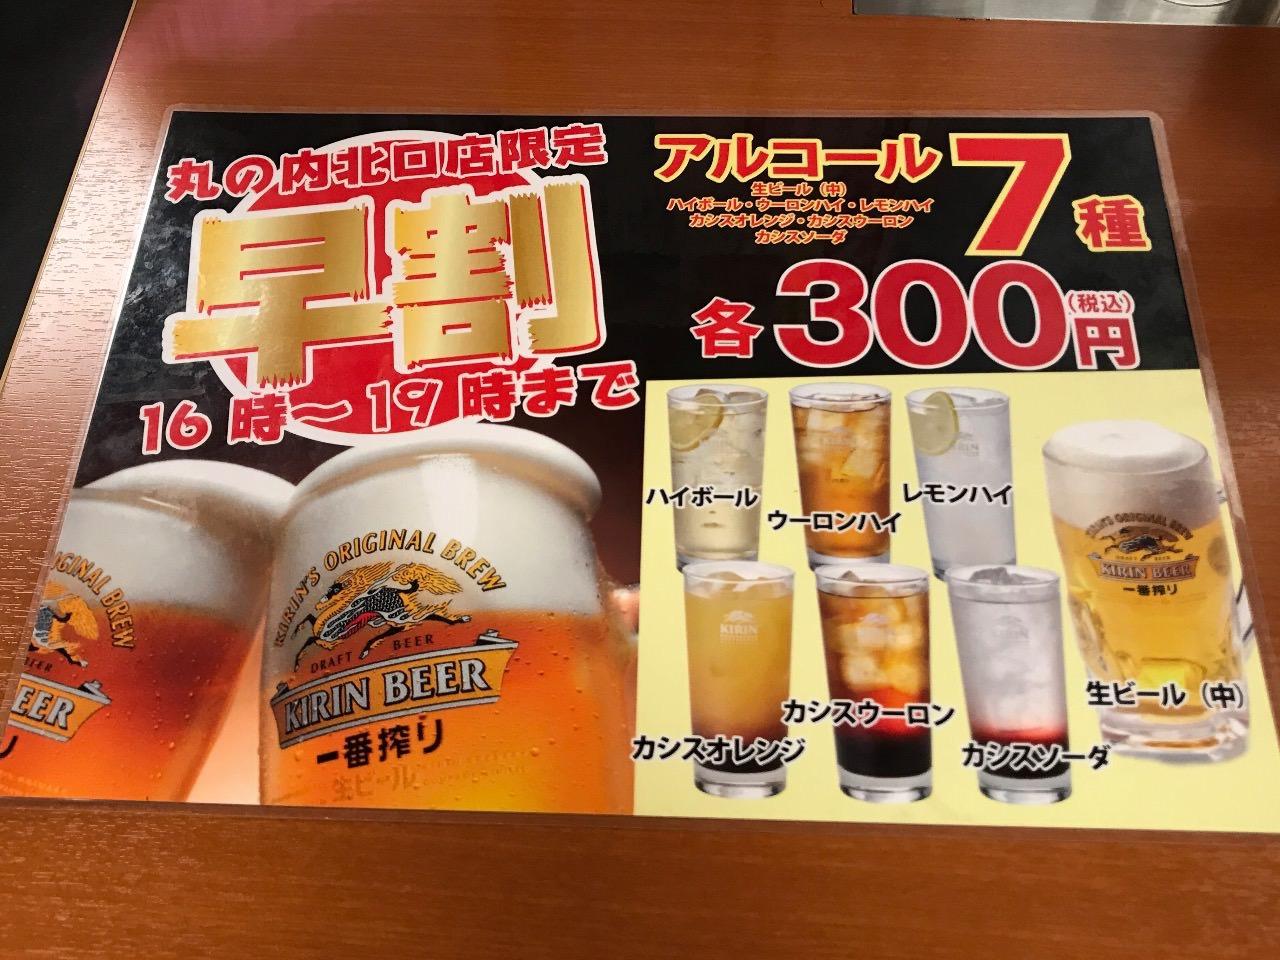 早割で300円